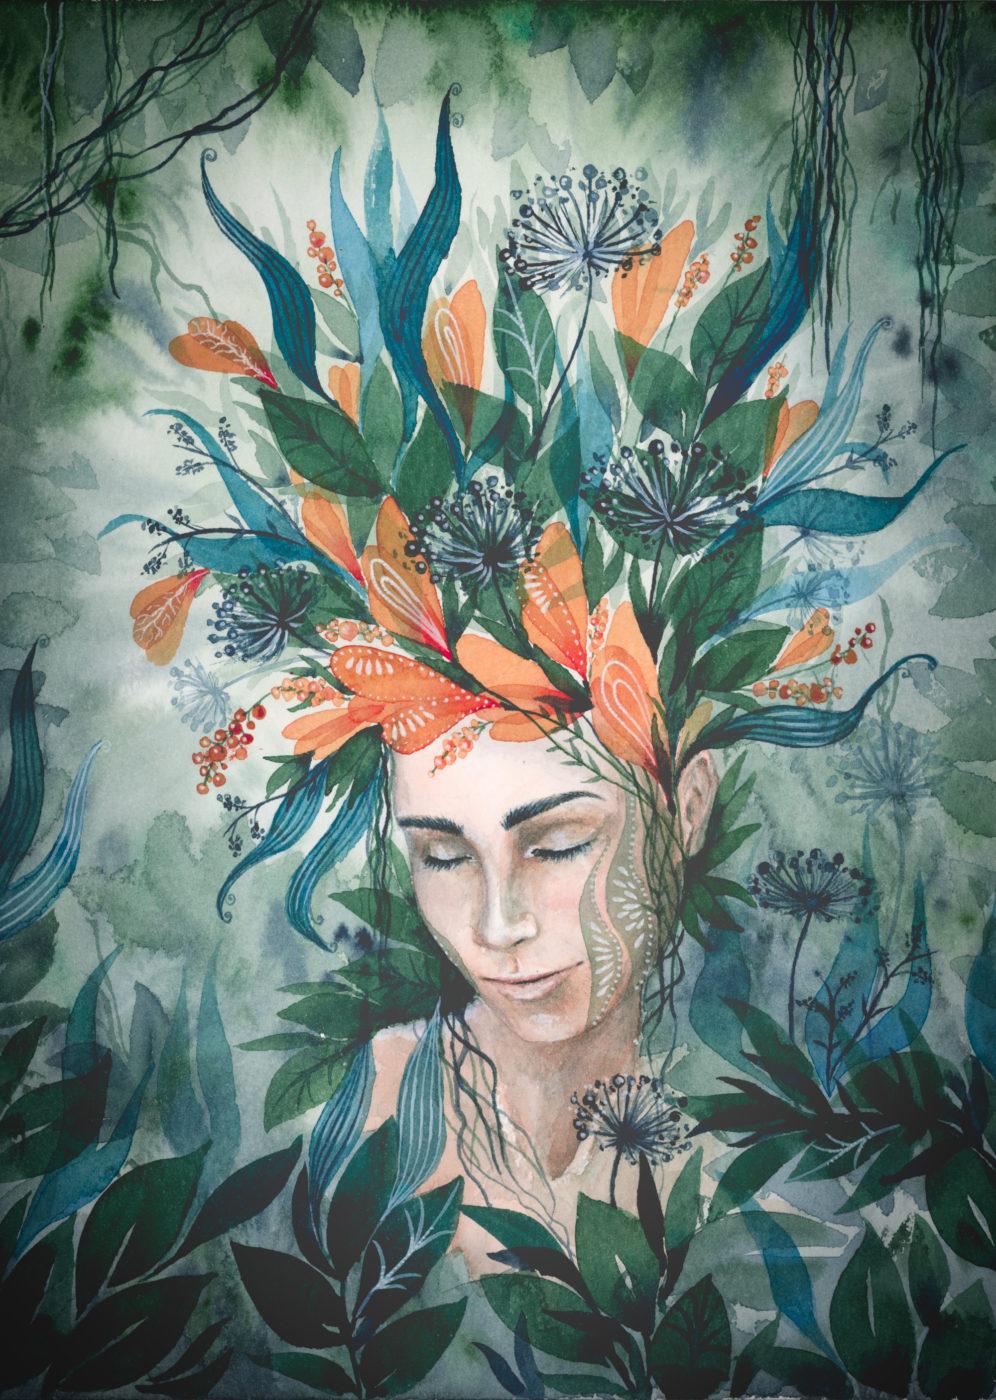 Grüne Träumerei maria und der pinsel feminine öko artprints aquarell nachhaltige kunst